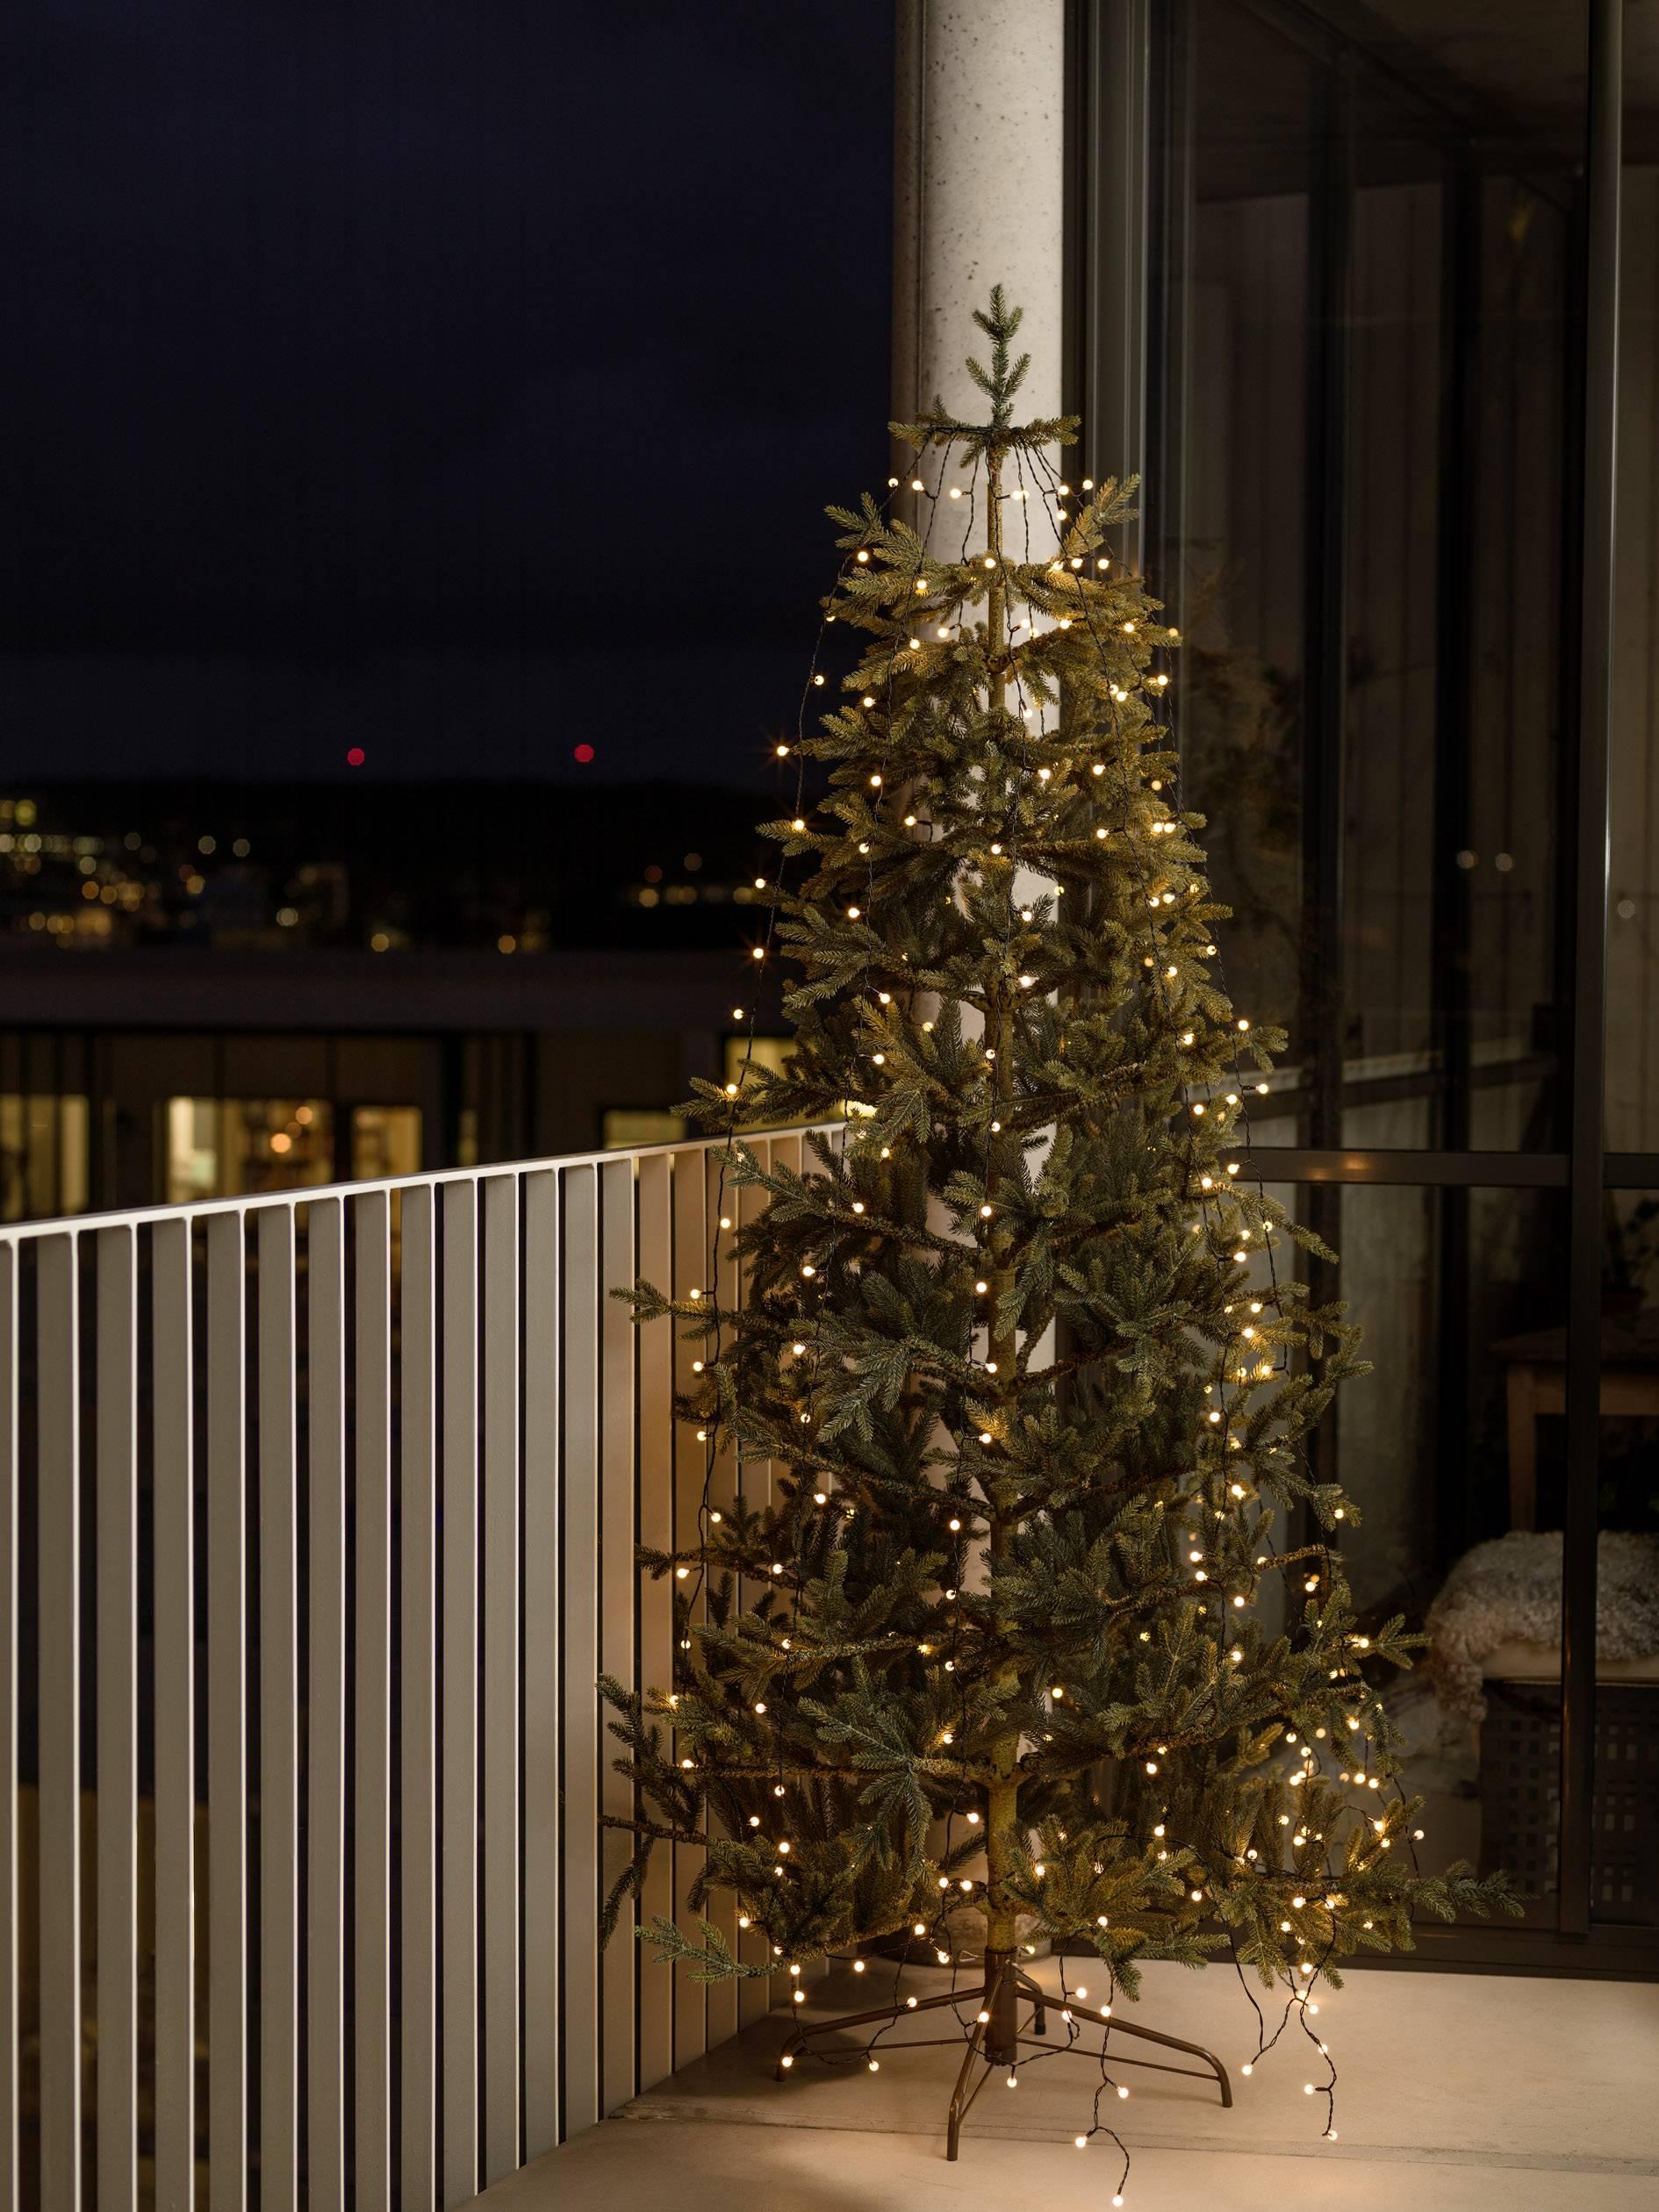 led boommantel binnenbuiten werkt op het lichtnet 400 led amber verlichte lengte 4 m konstsmide 6328 800